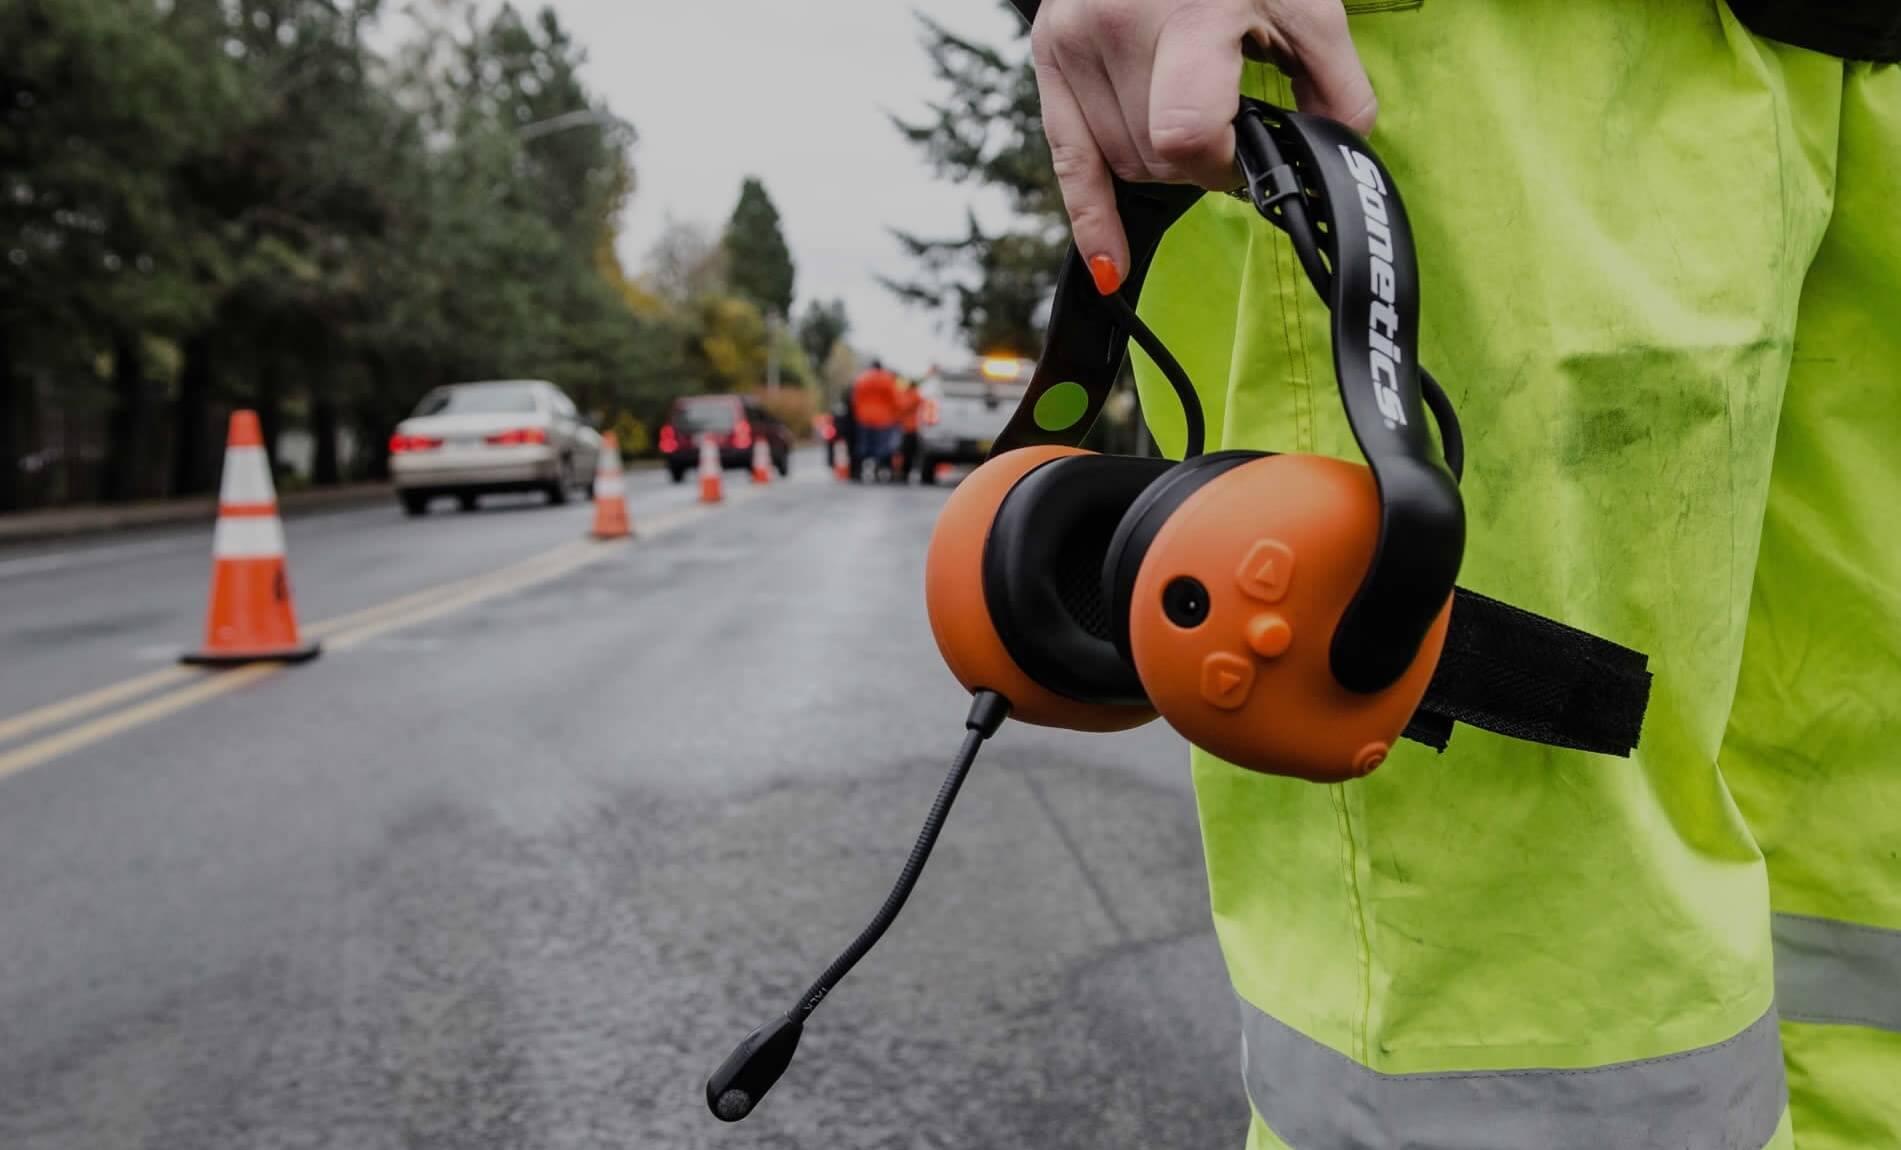 Wireless two-way communication headsets